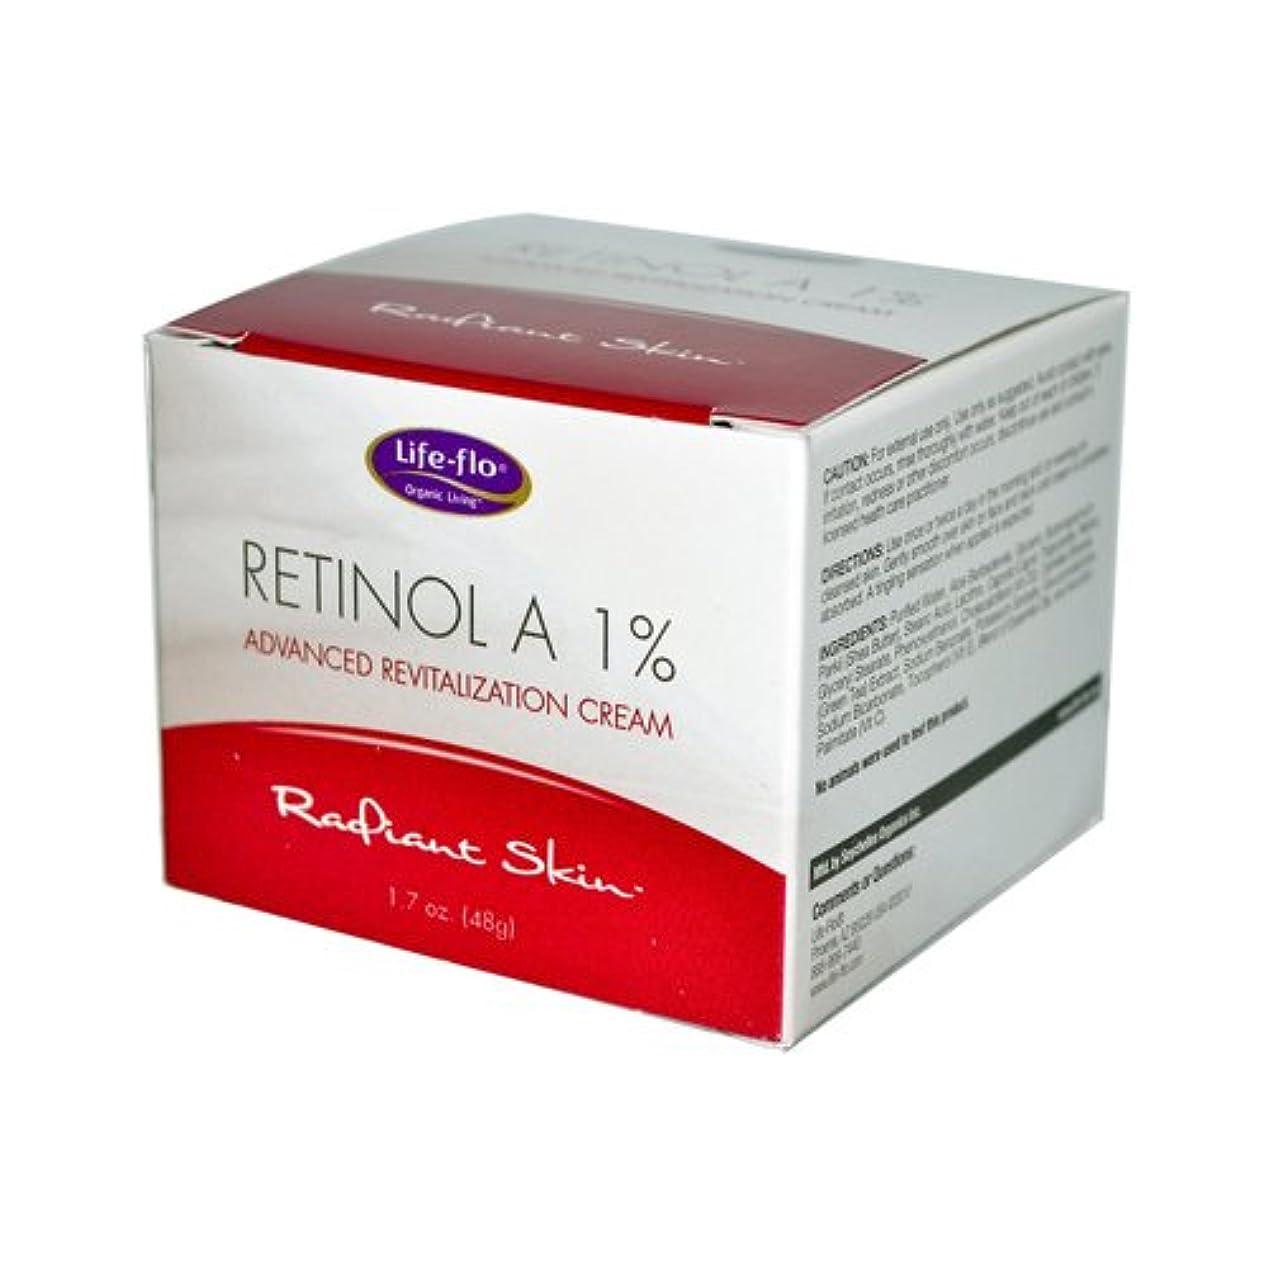 ミトン購入バックアップ海外直送品 Life-Flo Retinol A 1% Advanced Revitalization Cream, 1.7 oz